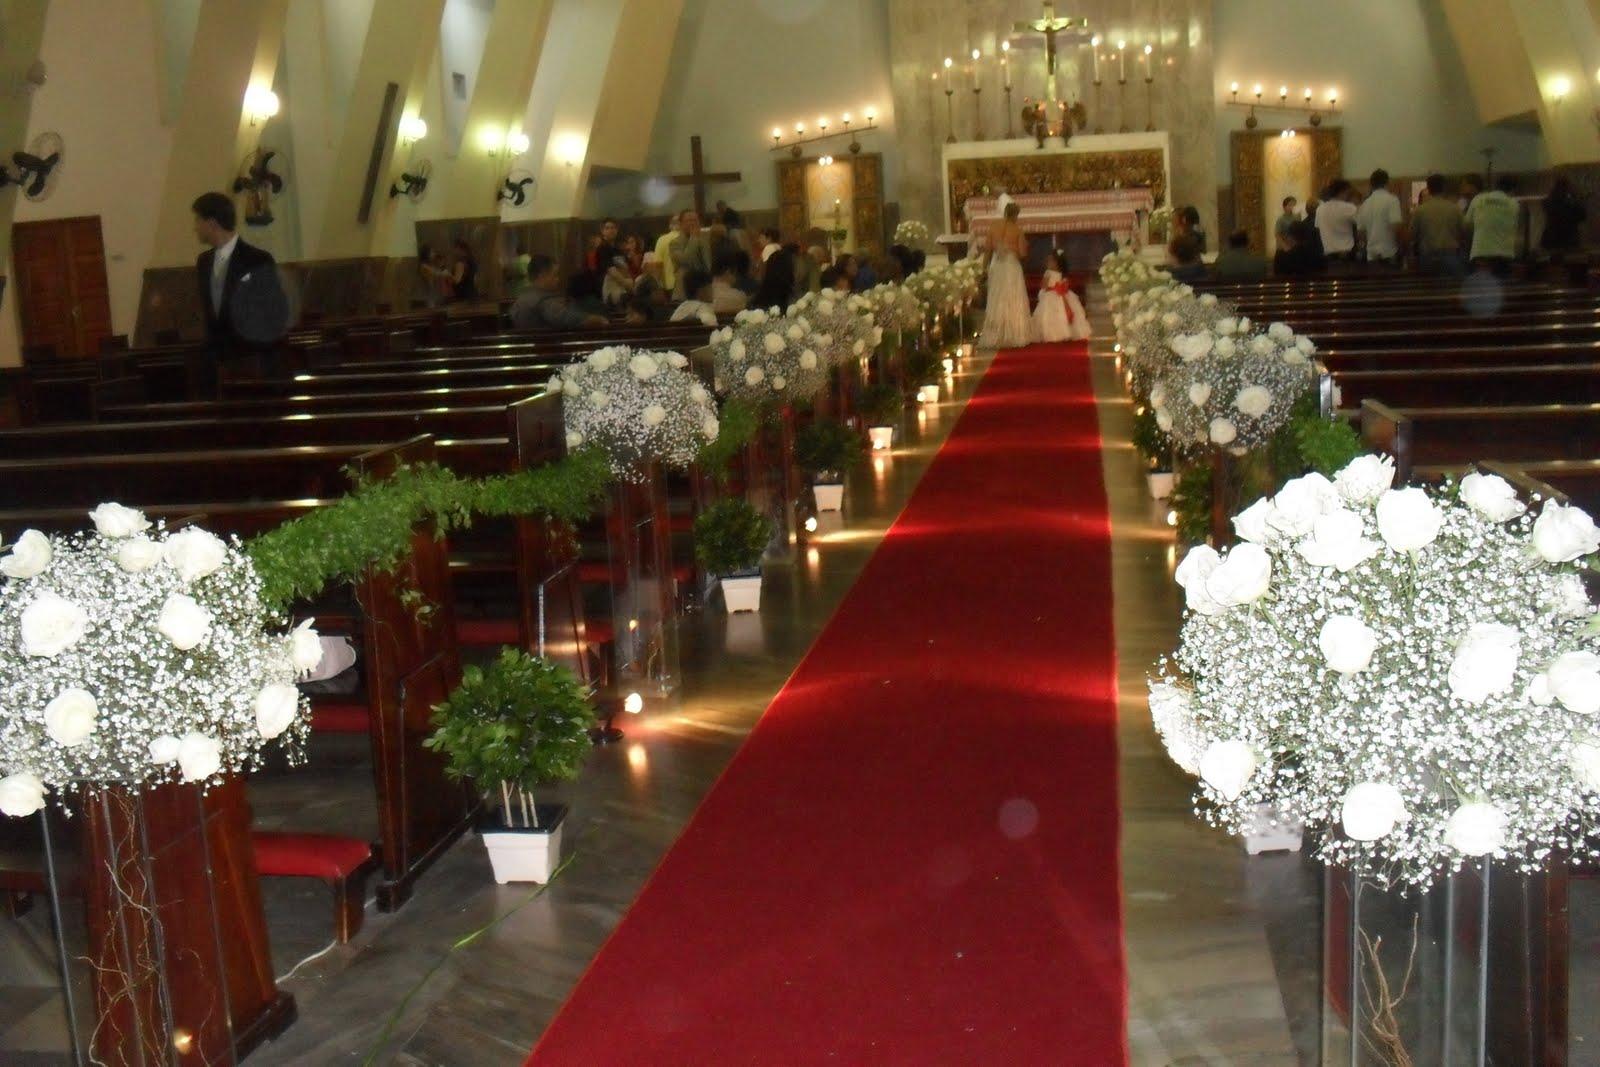 decoracao de casamento que esta em alta : decoracao de casamento que esta em alta:Noivas e Casamentos Modernos: O que está em alta e em baixa na